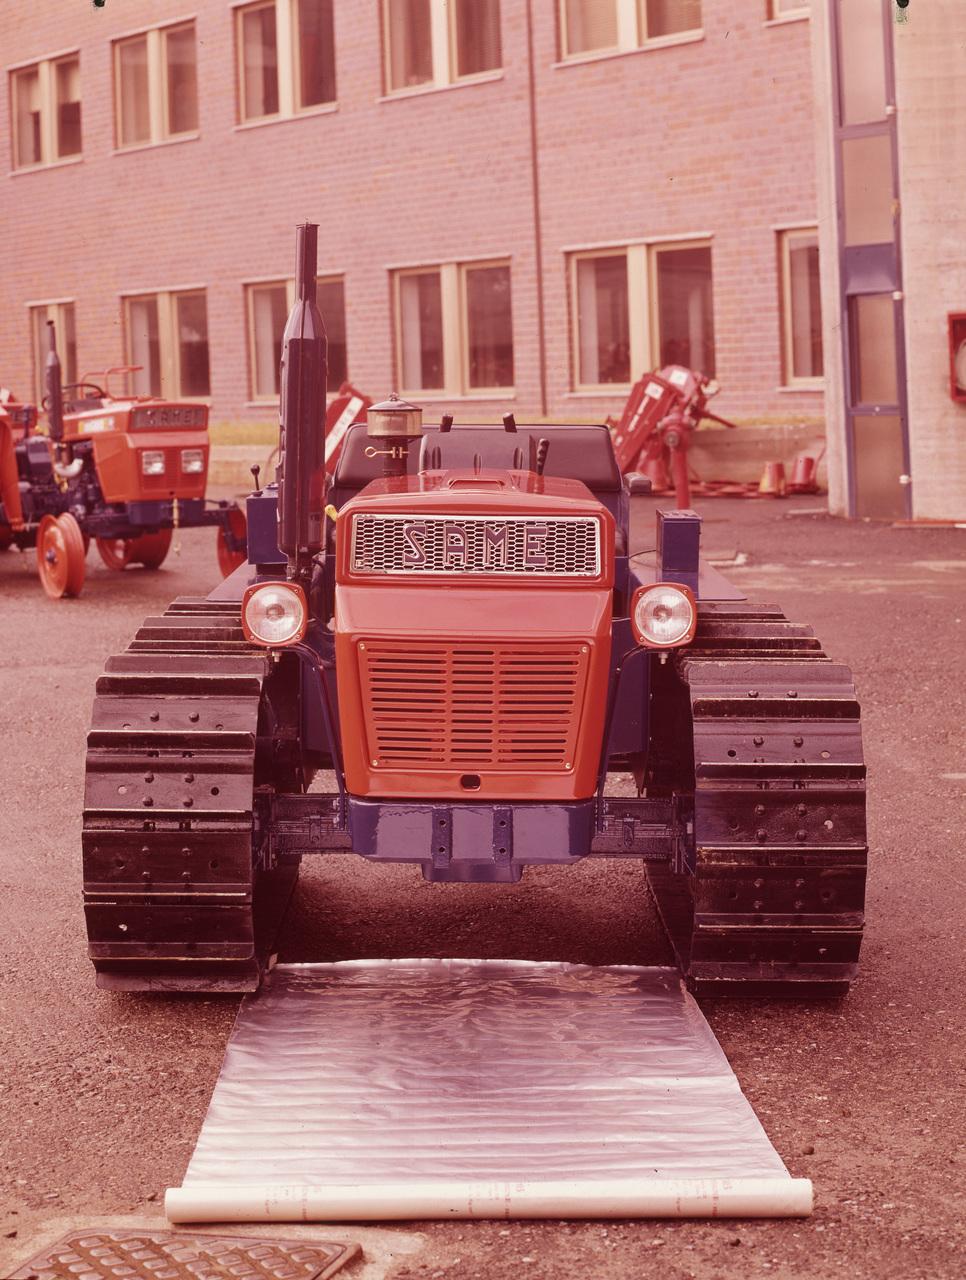 [SAME] trattore Minitauro 60 C presso lo stabilimento di Treviglio